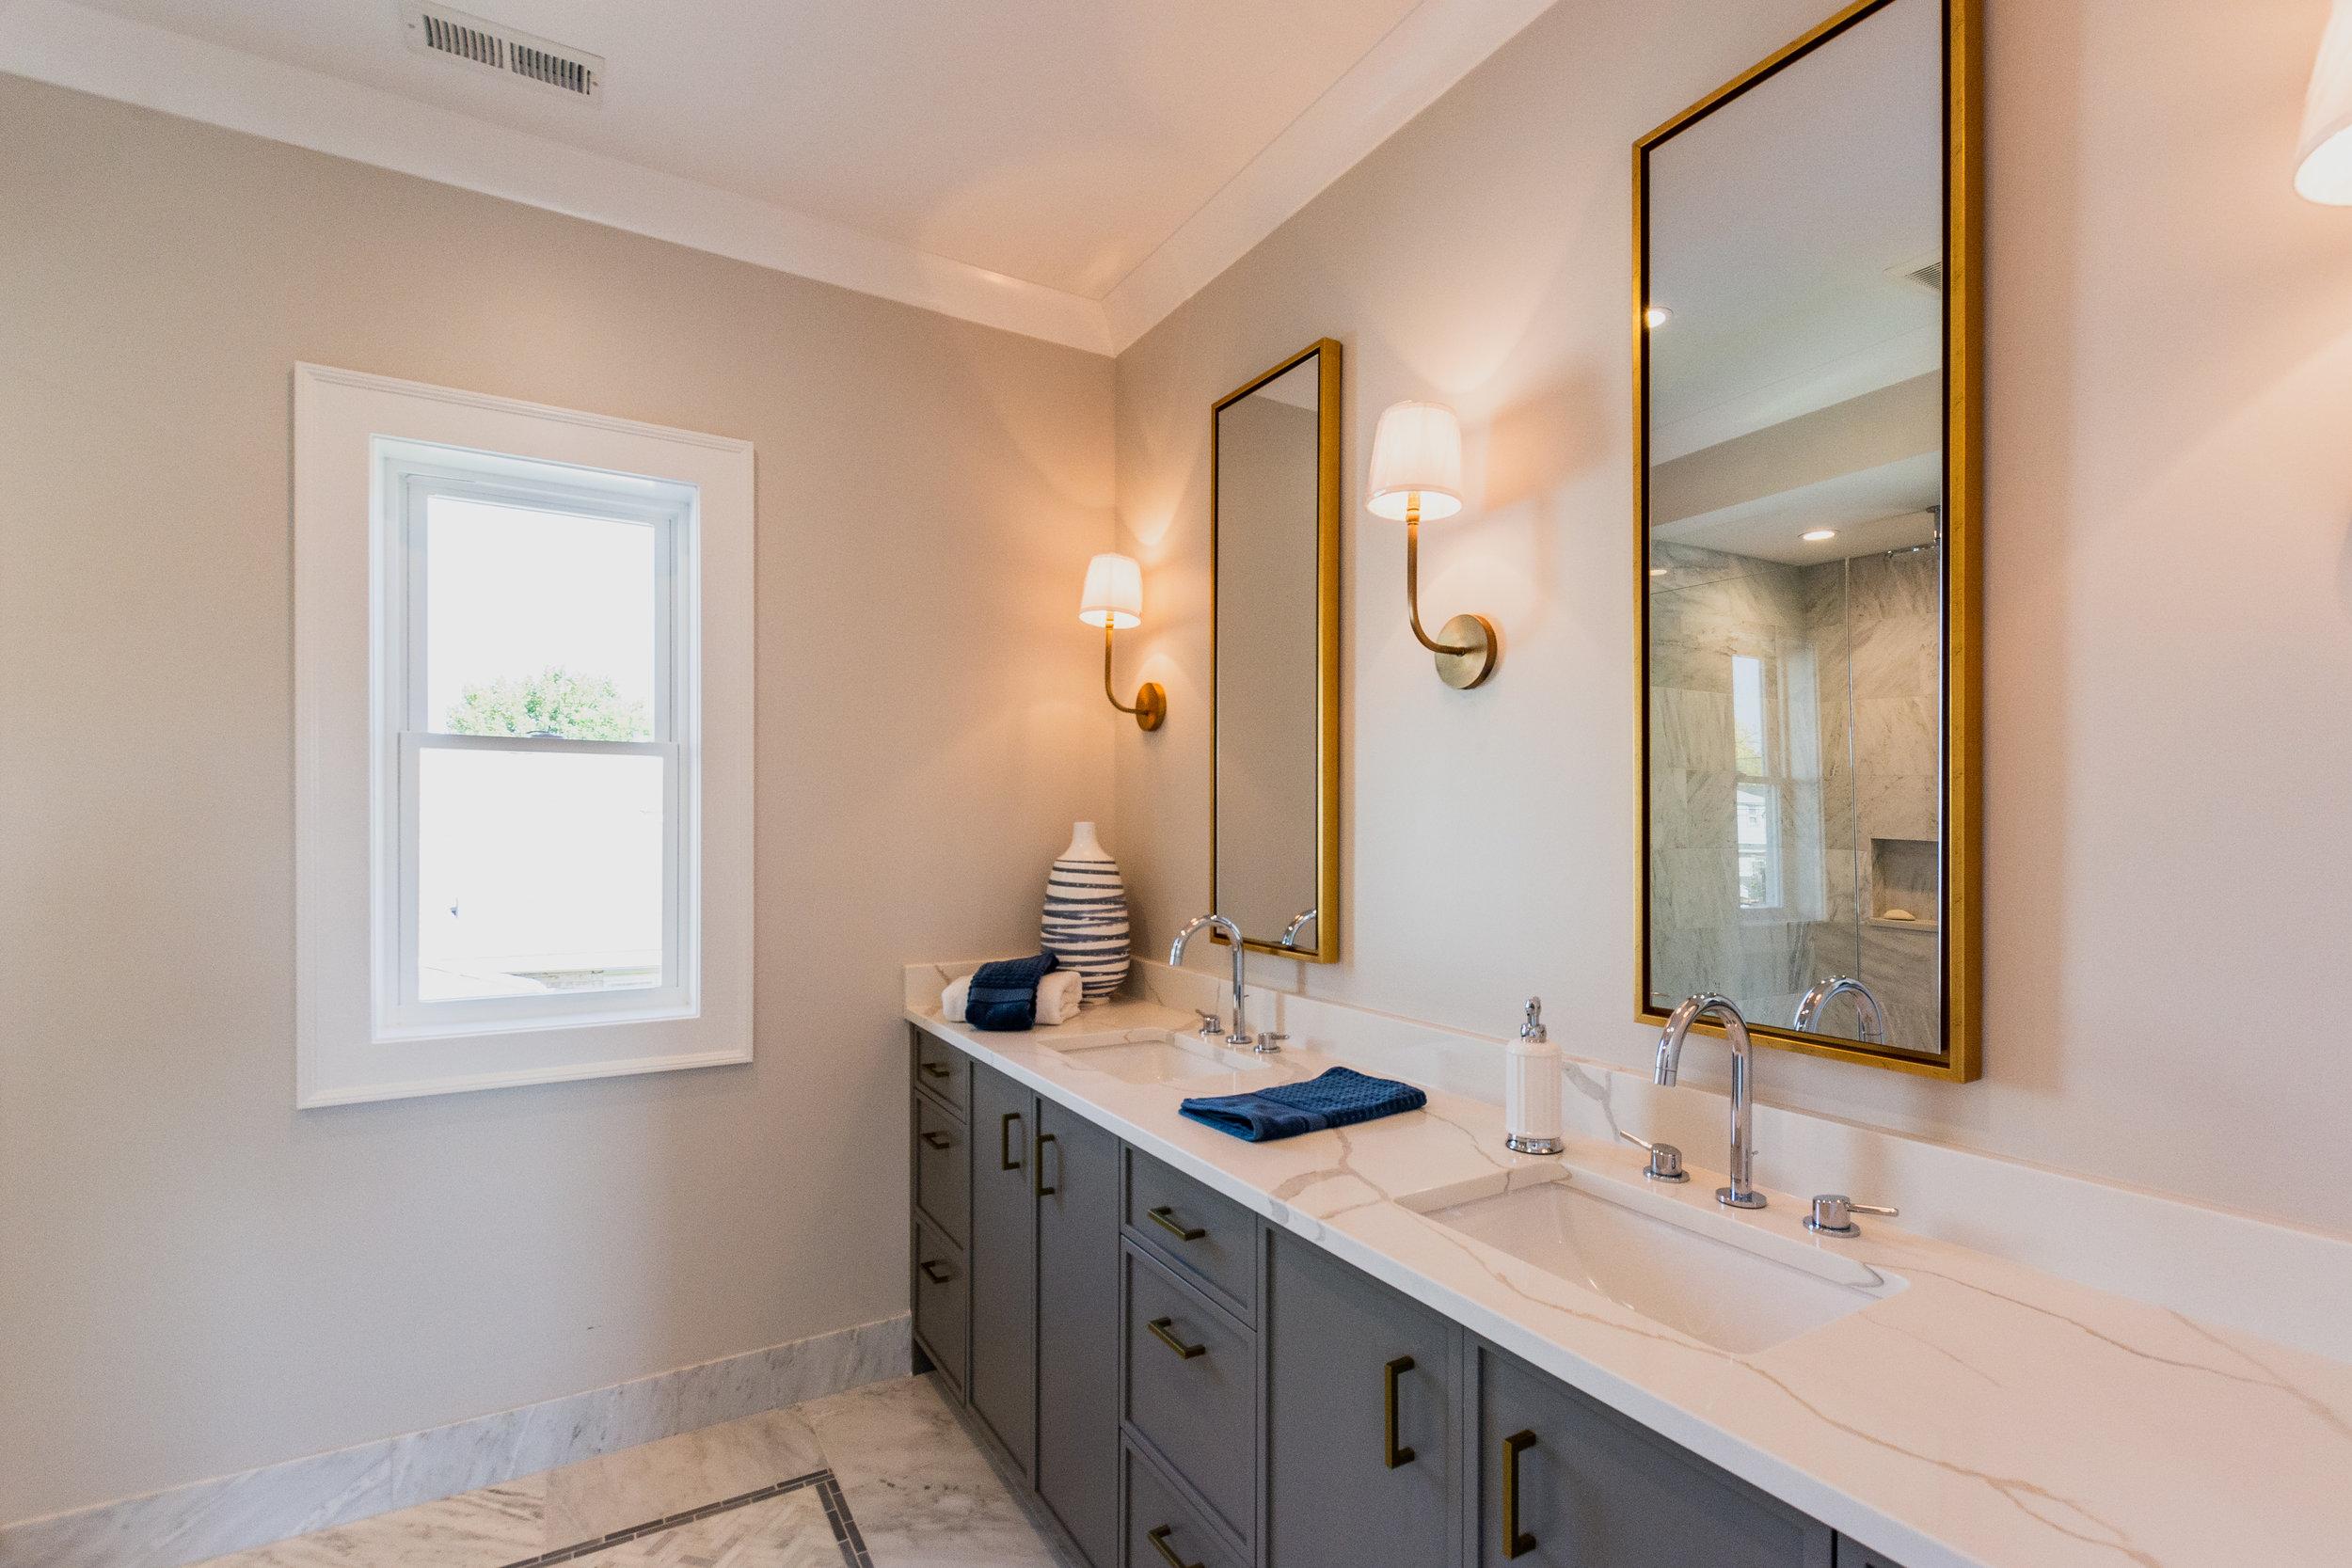 2masterbathroom1.jpg